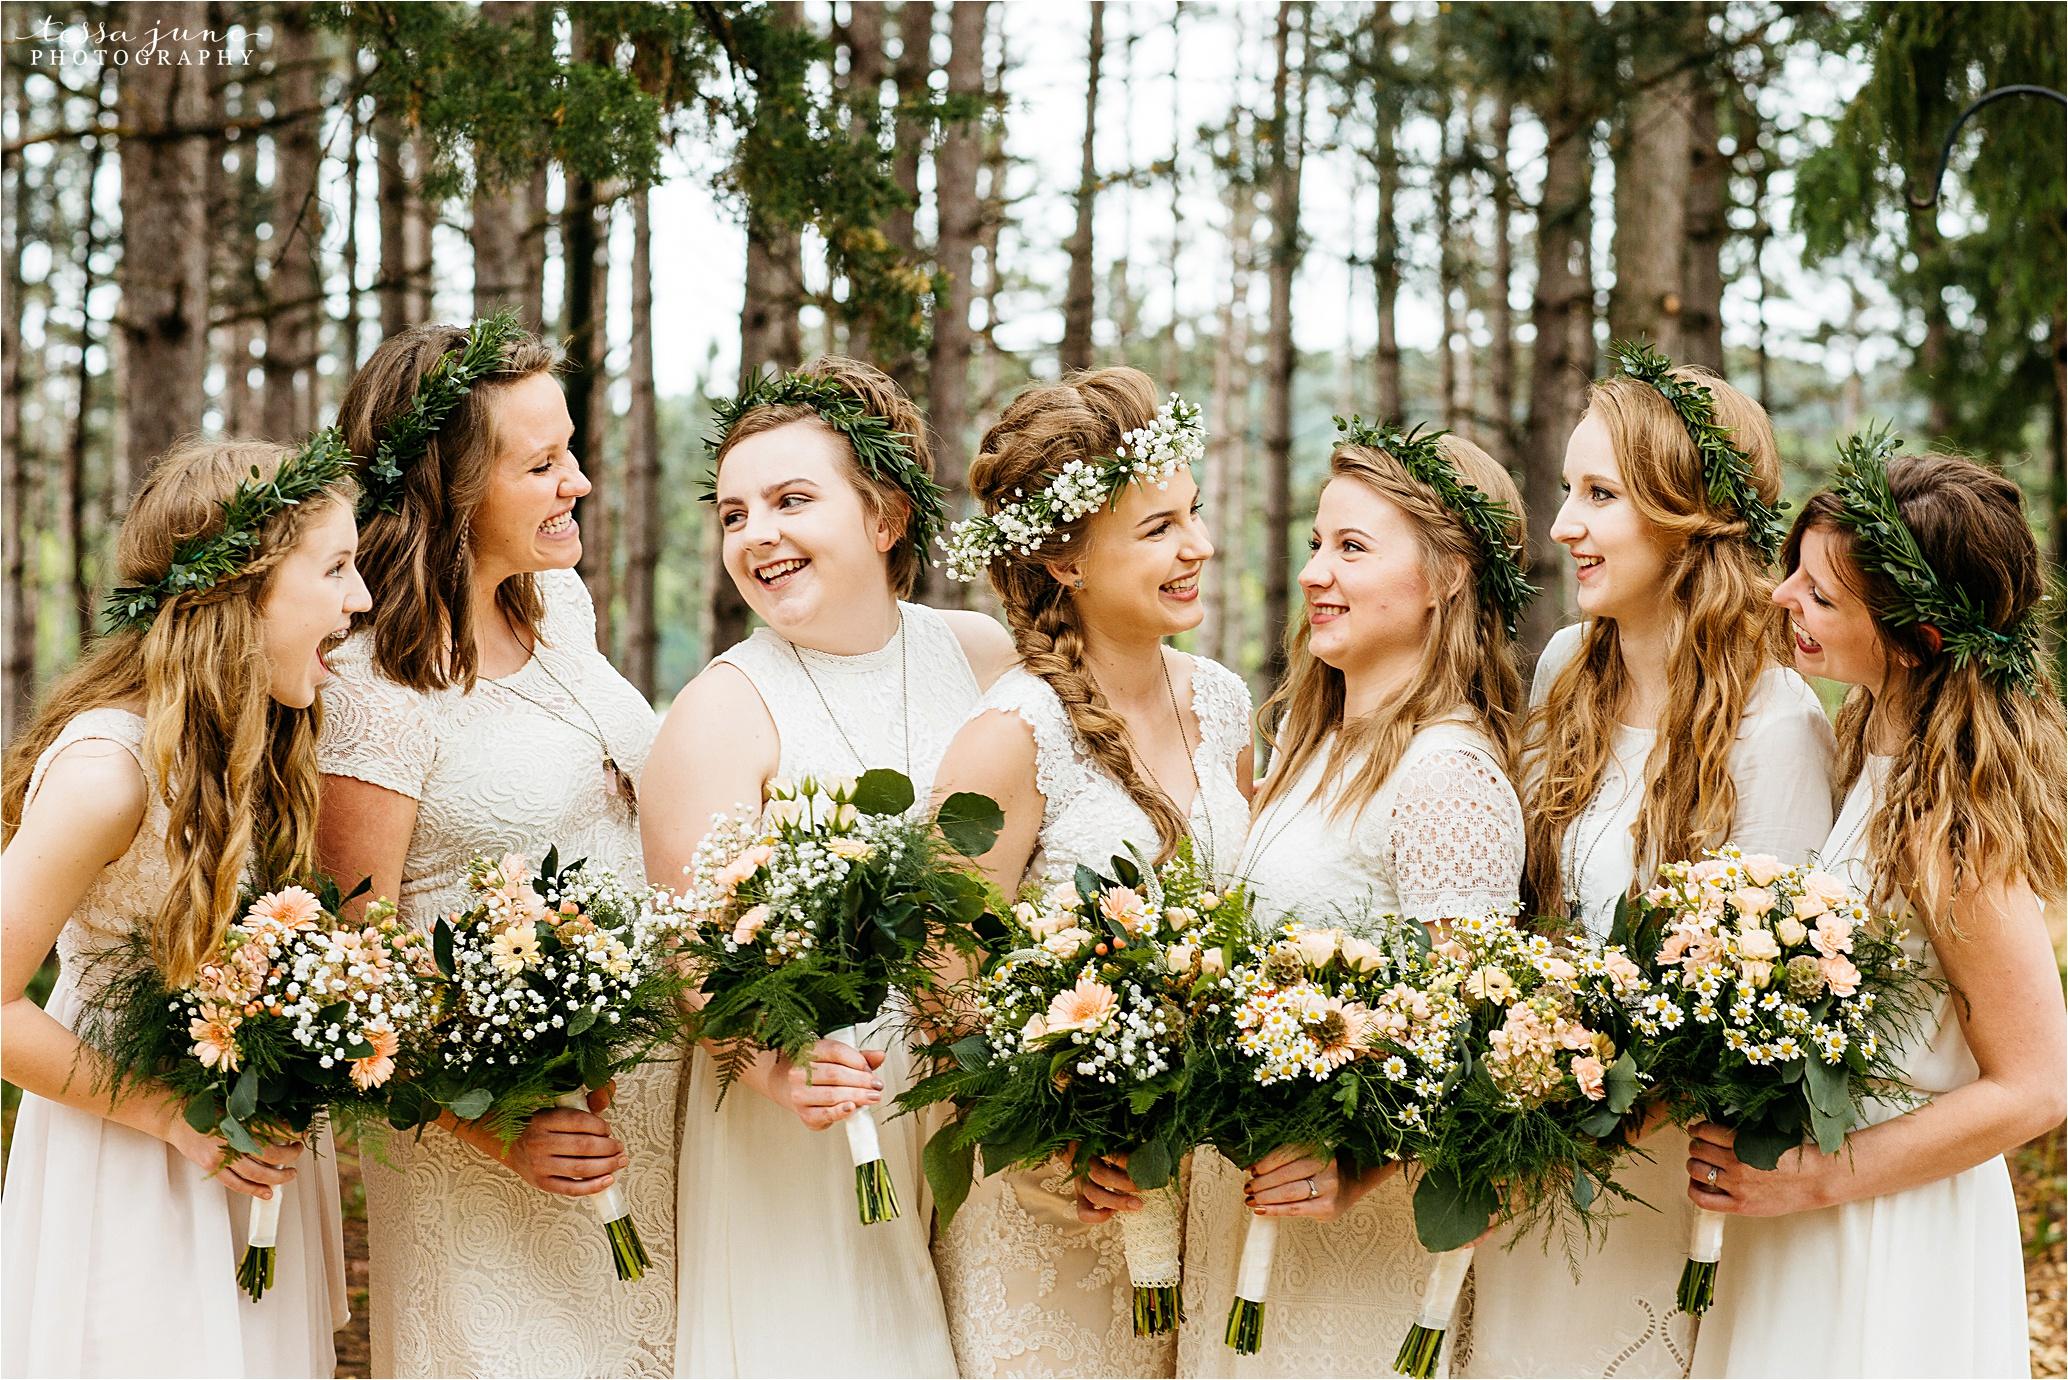 bohemian-forest-wedding-stillwater-minnesota-flower-crown-st-cloud-photographer-bridesmaids